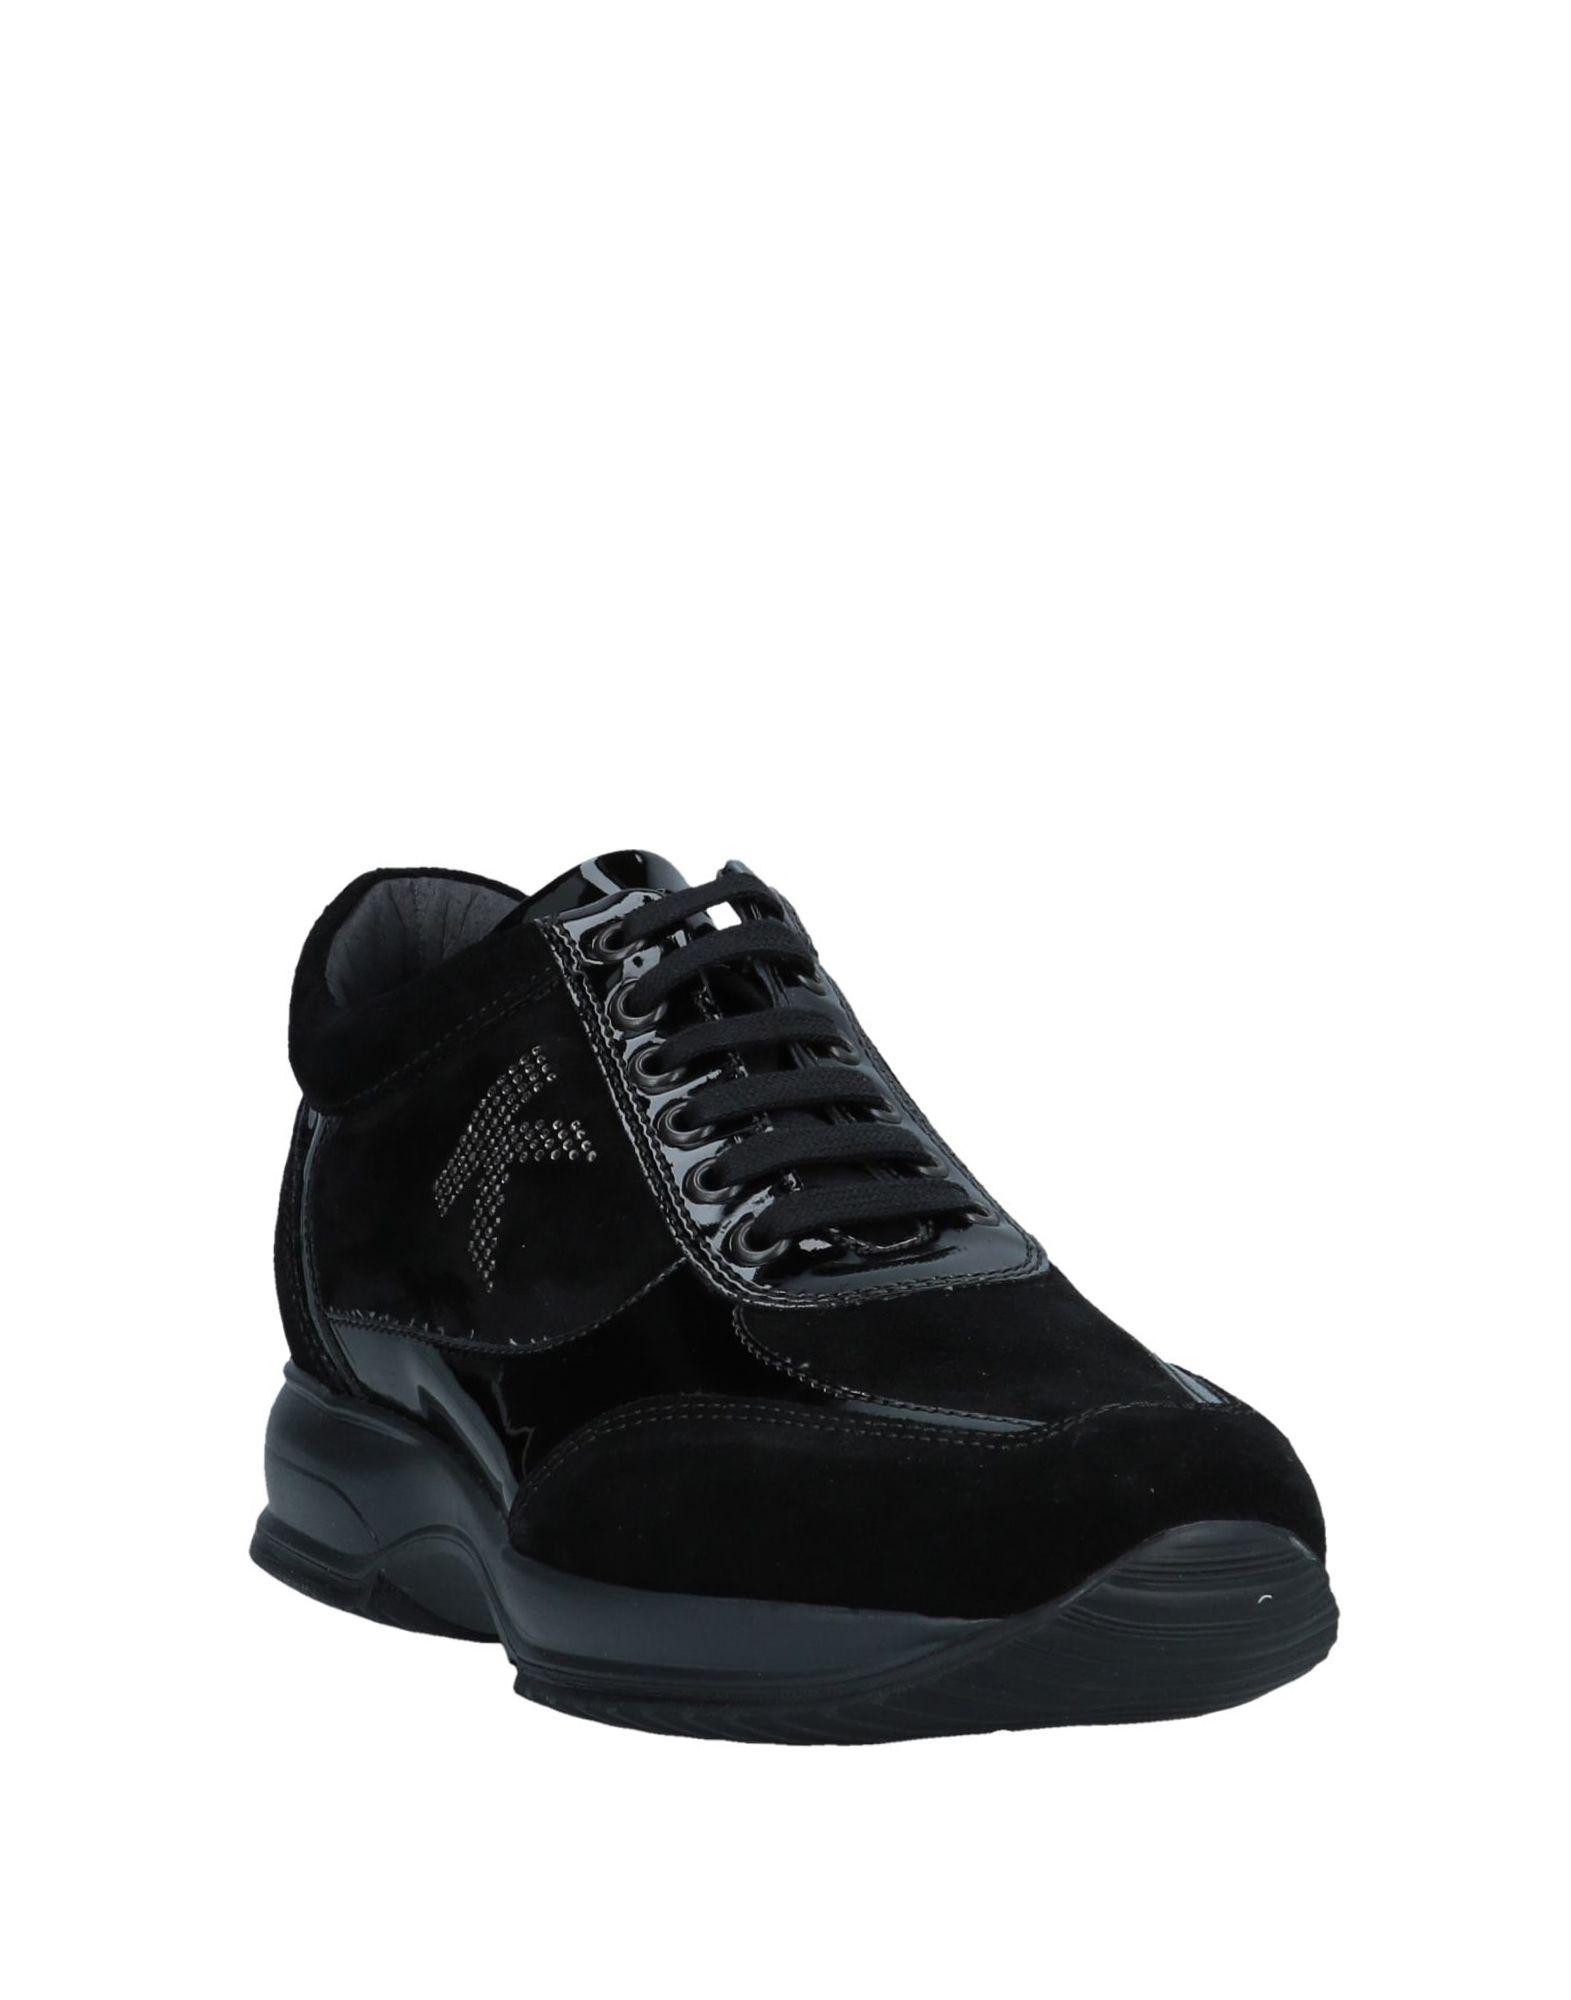 Keys Sneakers Damen beliebte  11551373PU Gute Qualität beliebte Damen Schuhe fc830b